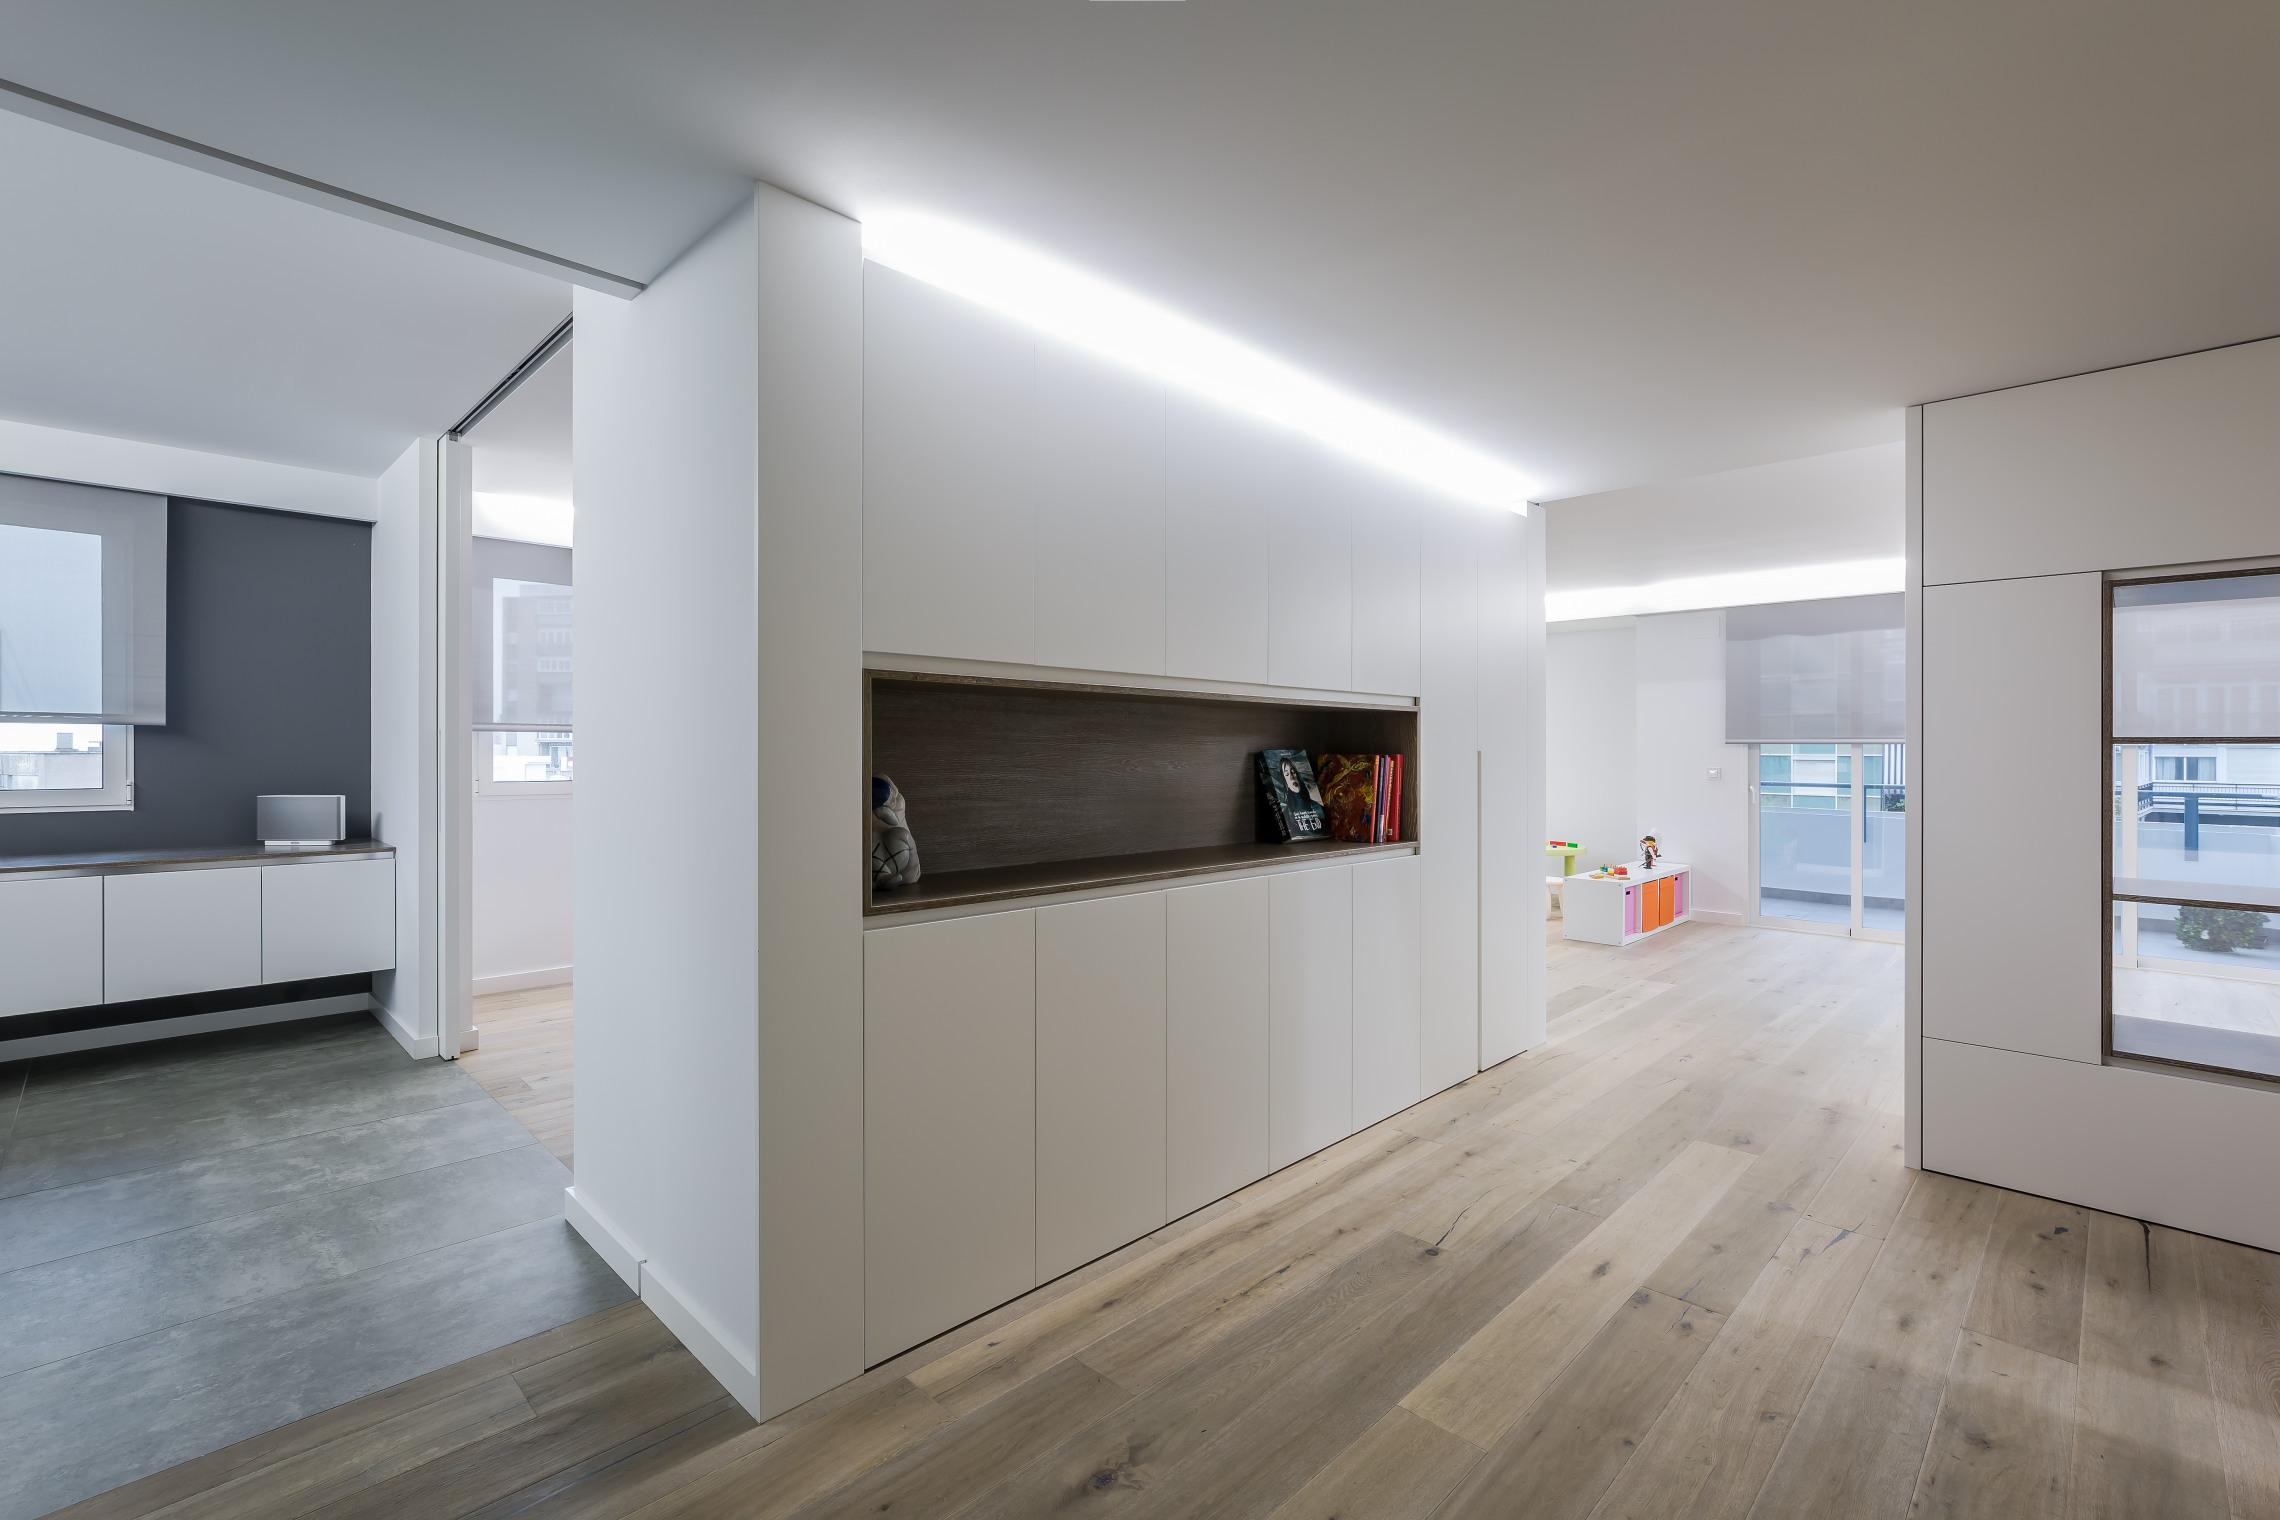 fotografia-arquitectura-valencia-german-cabo-ambau-gordillo (2)